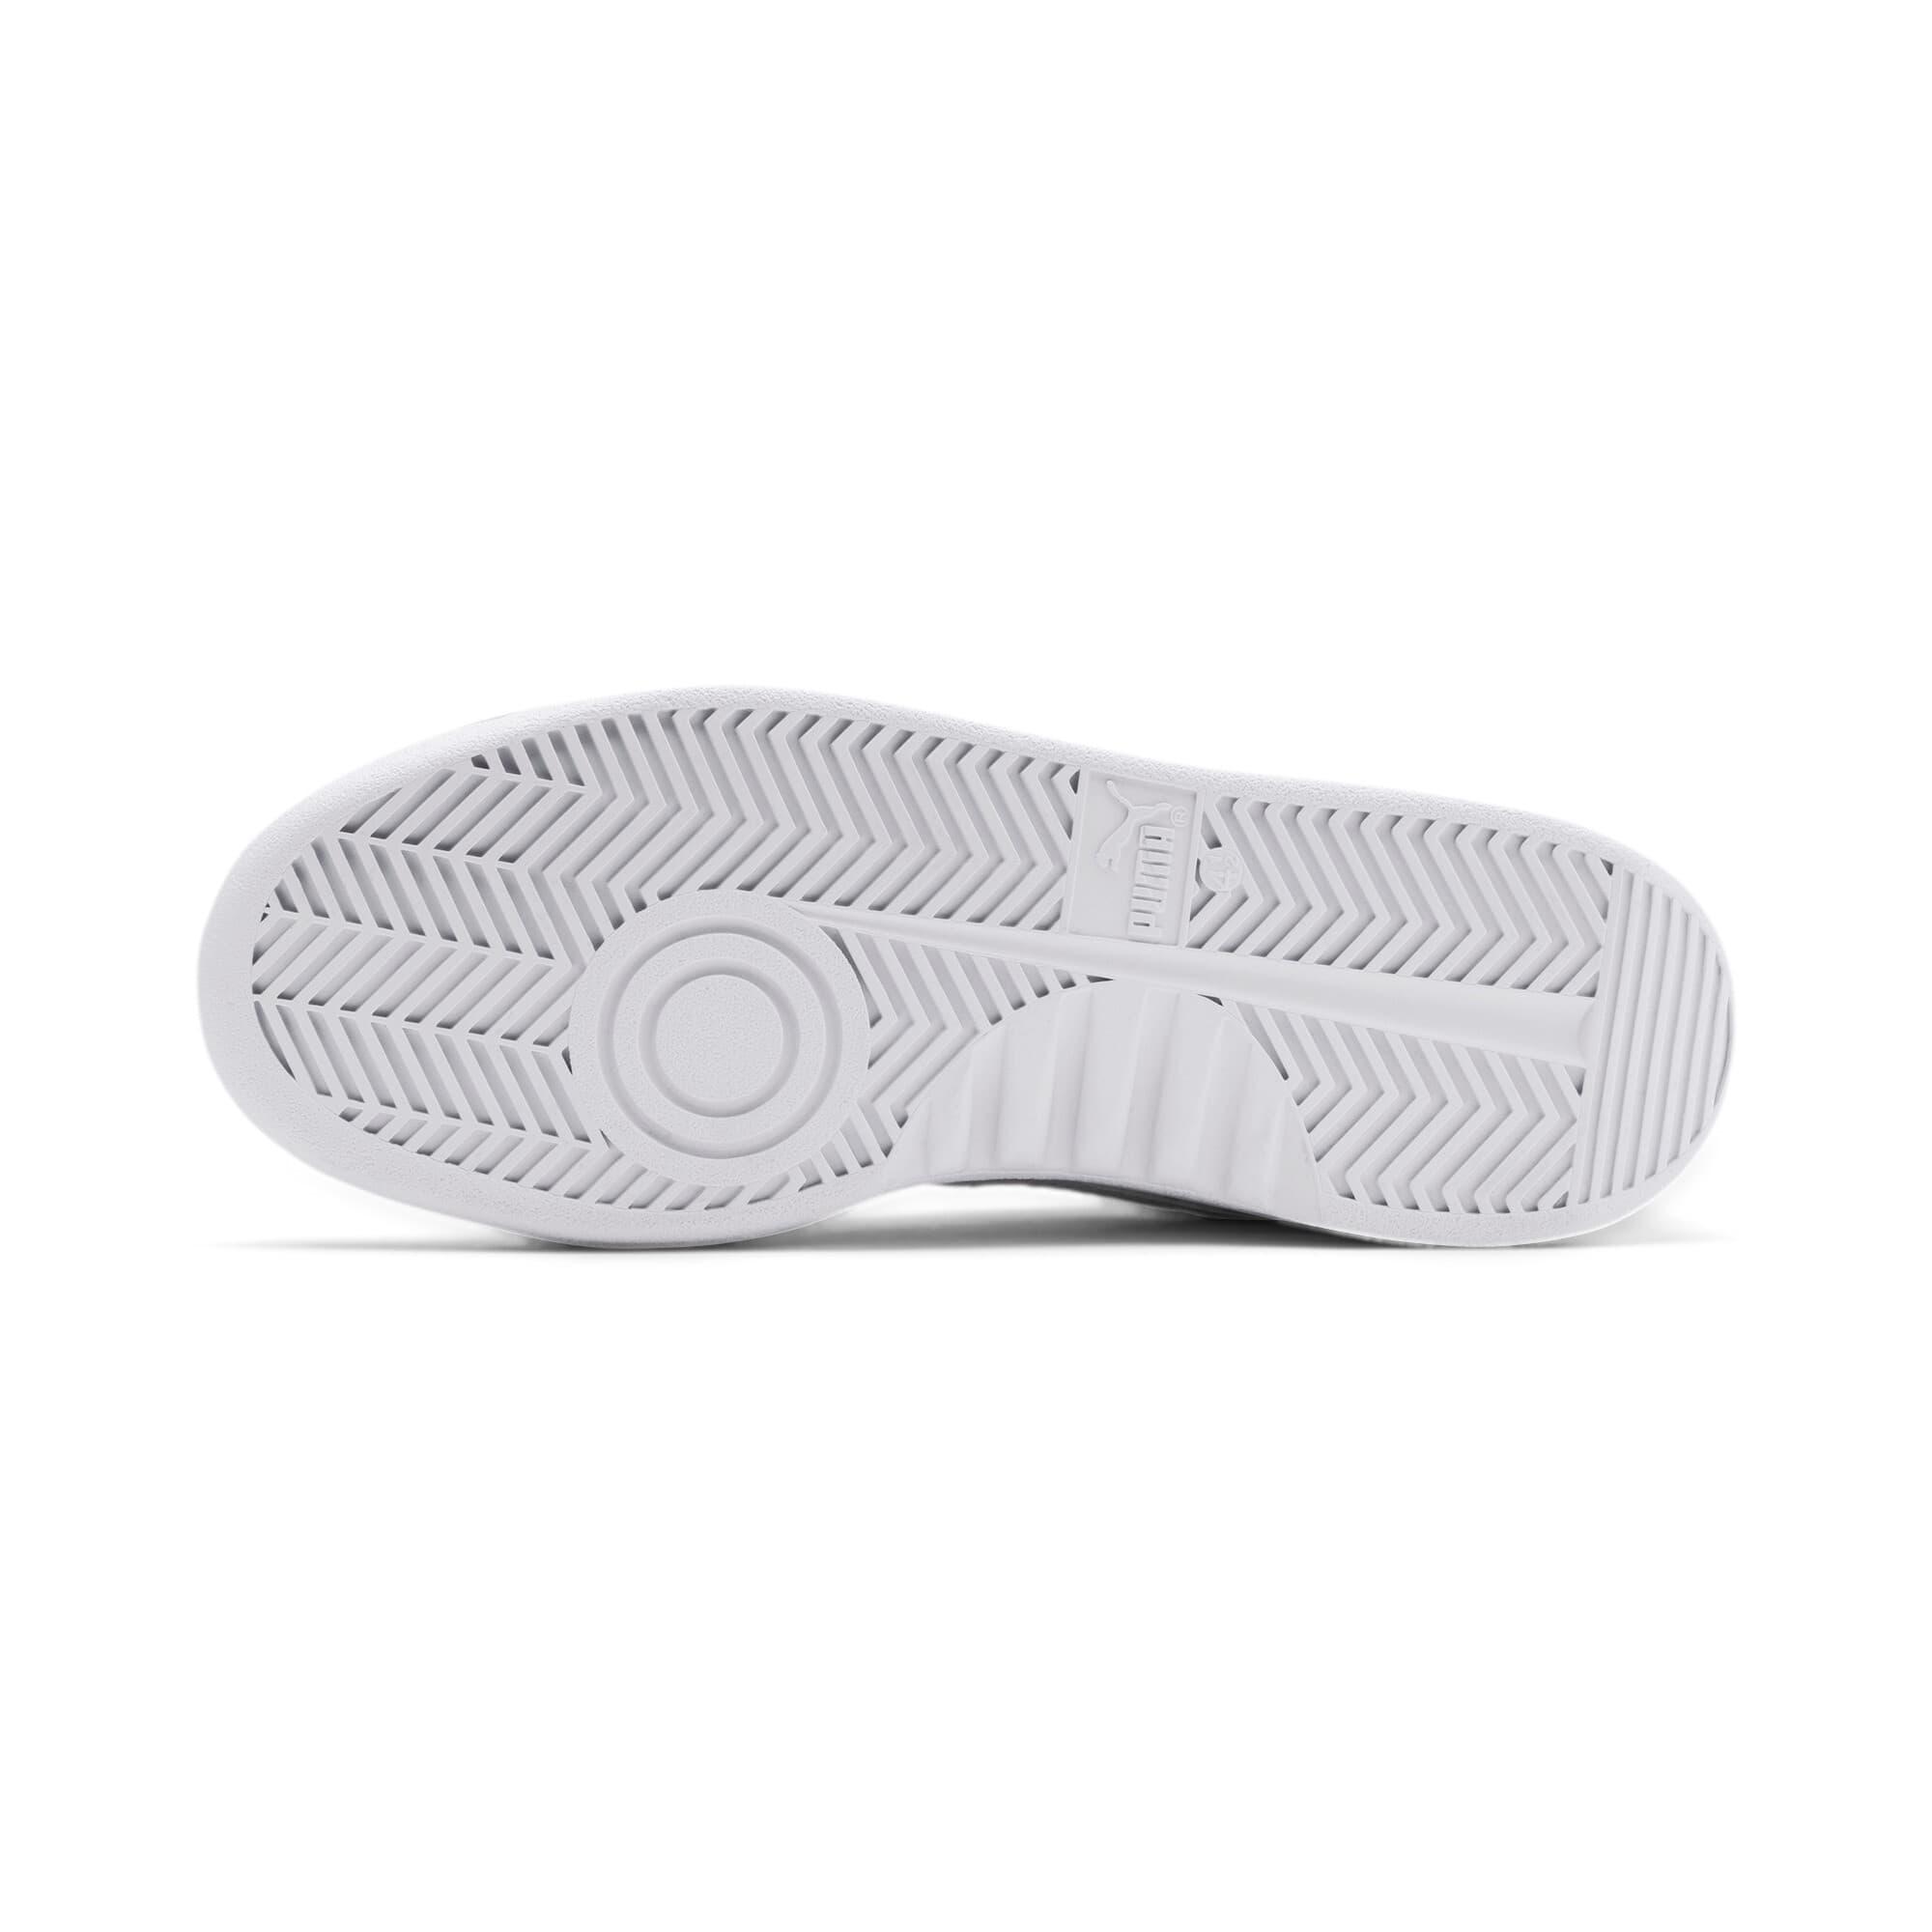 Miniatura 5 de Zapatos deportivosCalifornia Remix para mujer, Puma White-Puma Black, mediano